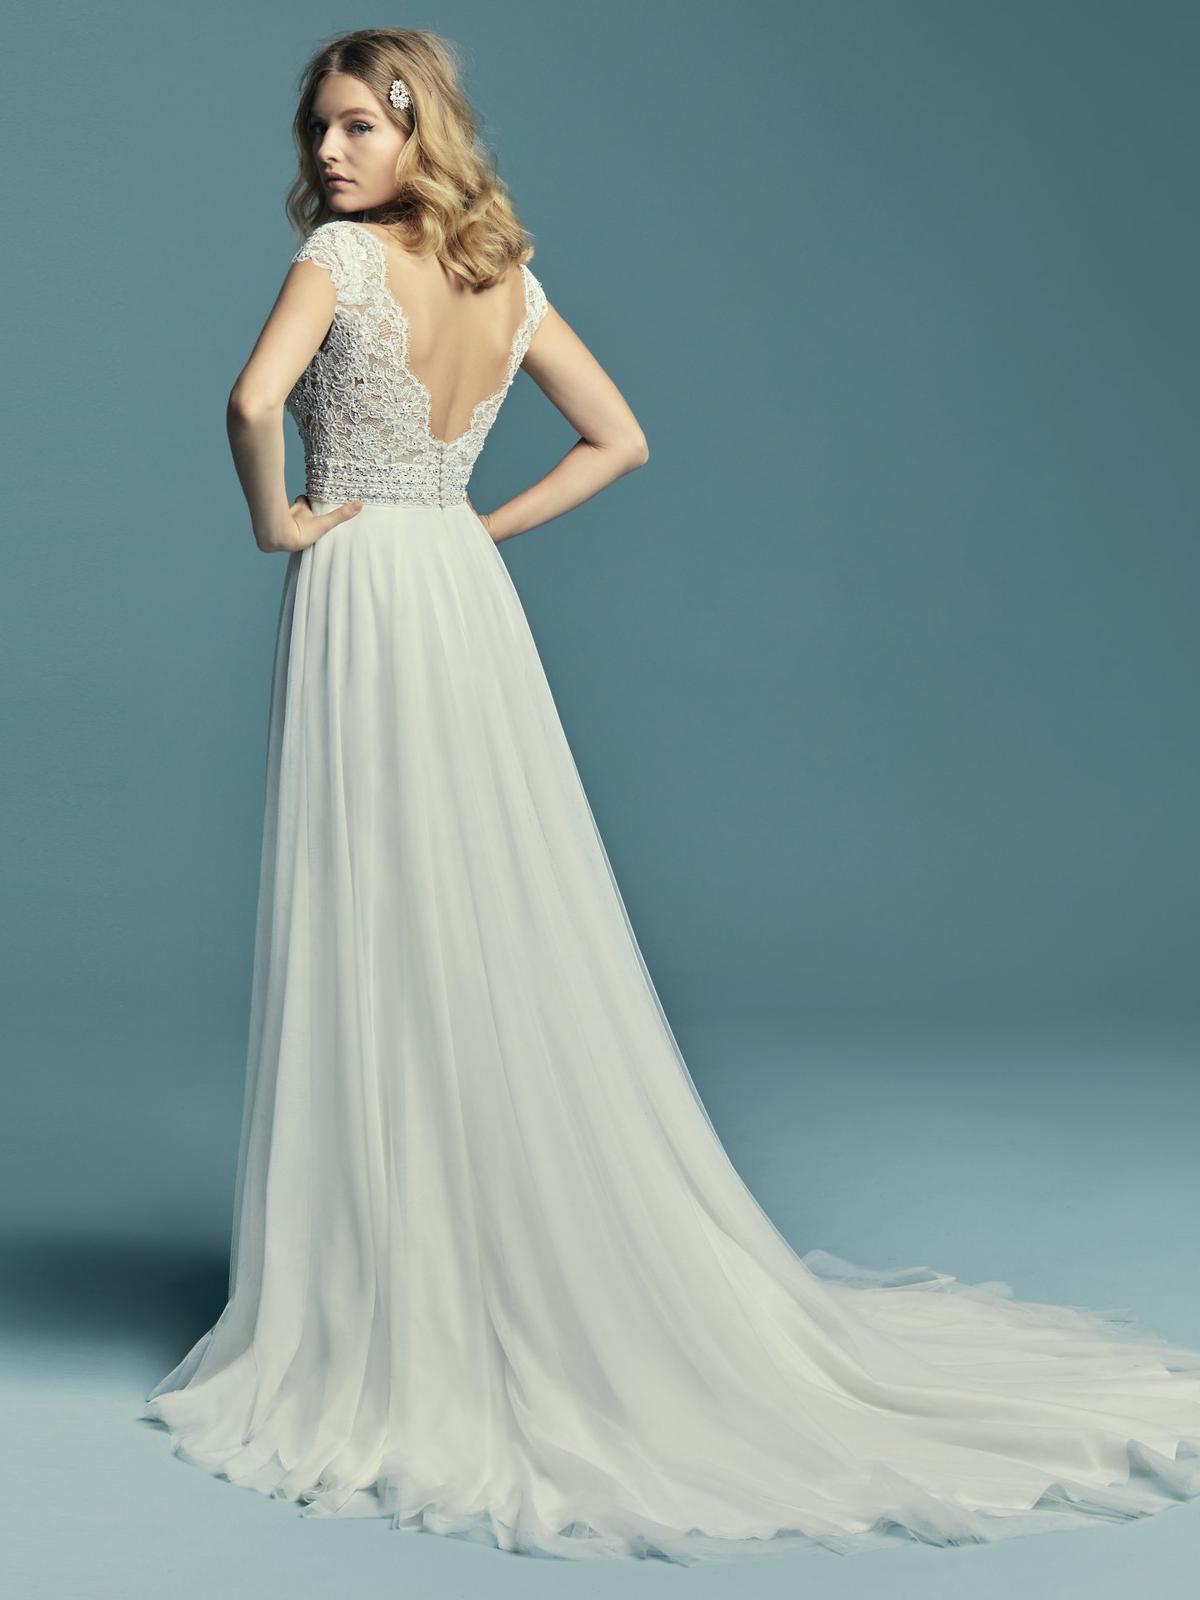 Nové svadobné šaty ♥ MONARCH ♥ v Nitre - svadobné šaty MONARCH